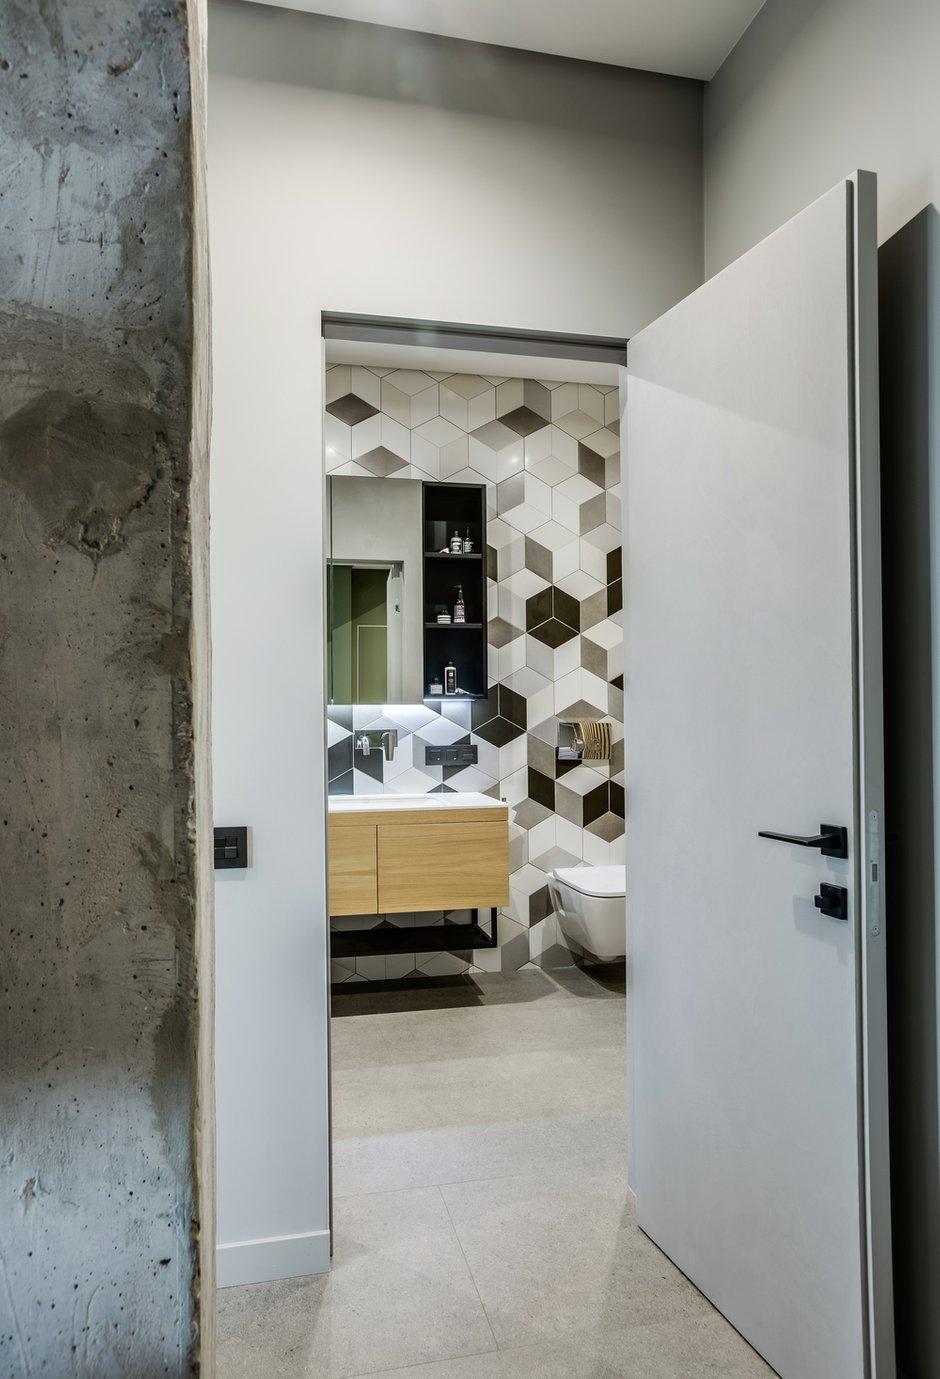 Фотография: Ванная в стиле Современный, Квартира, Проект недели, Киев, Boho Studio, 3 комнаты, 60-90 метров – фото на INMYROOM